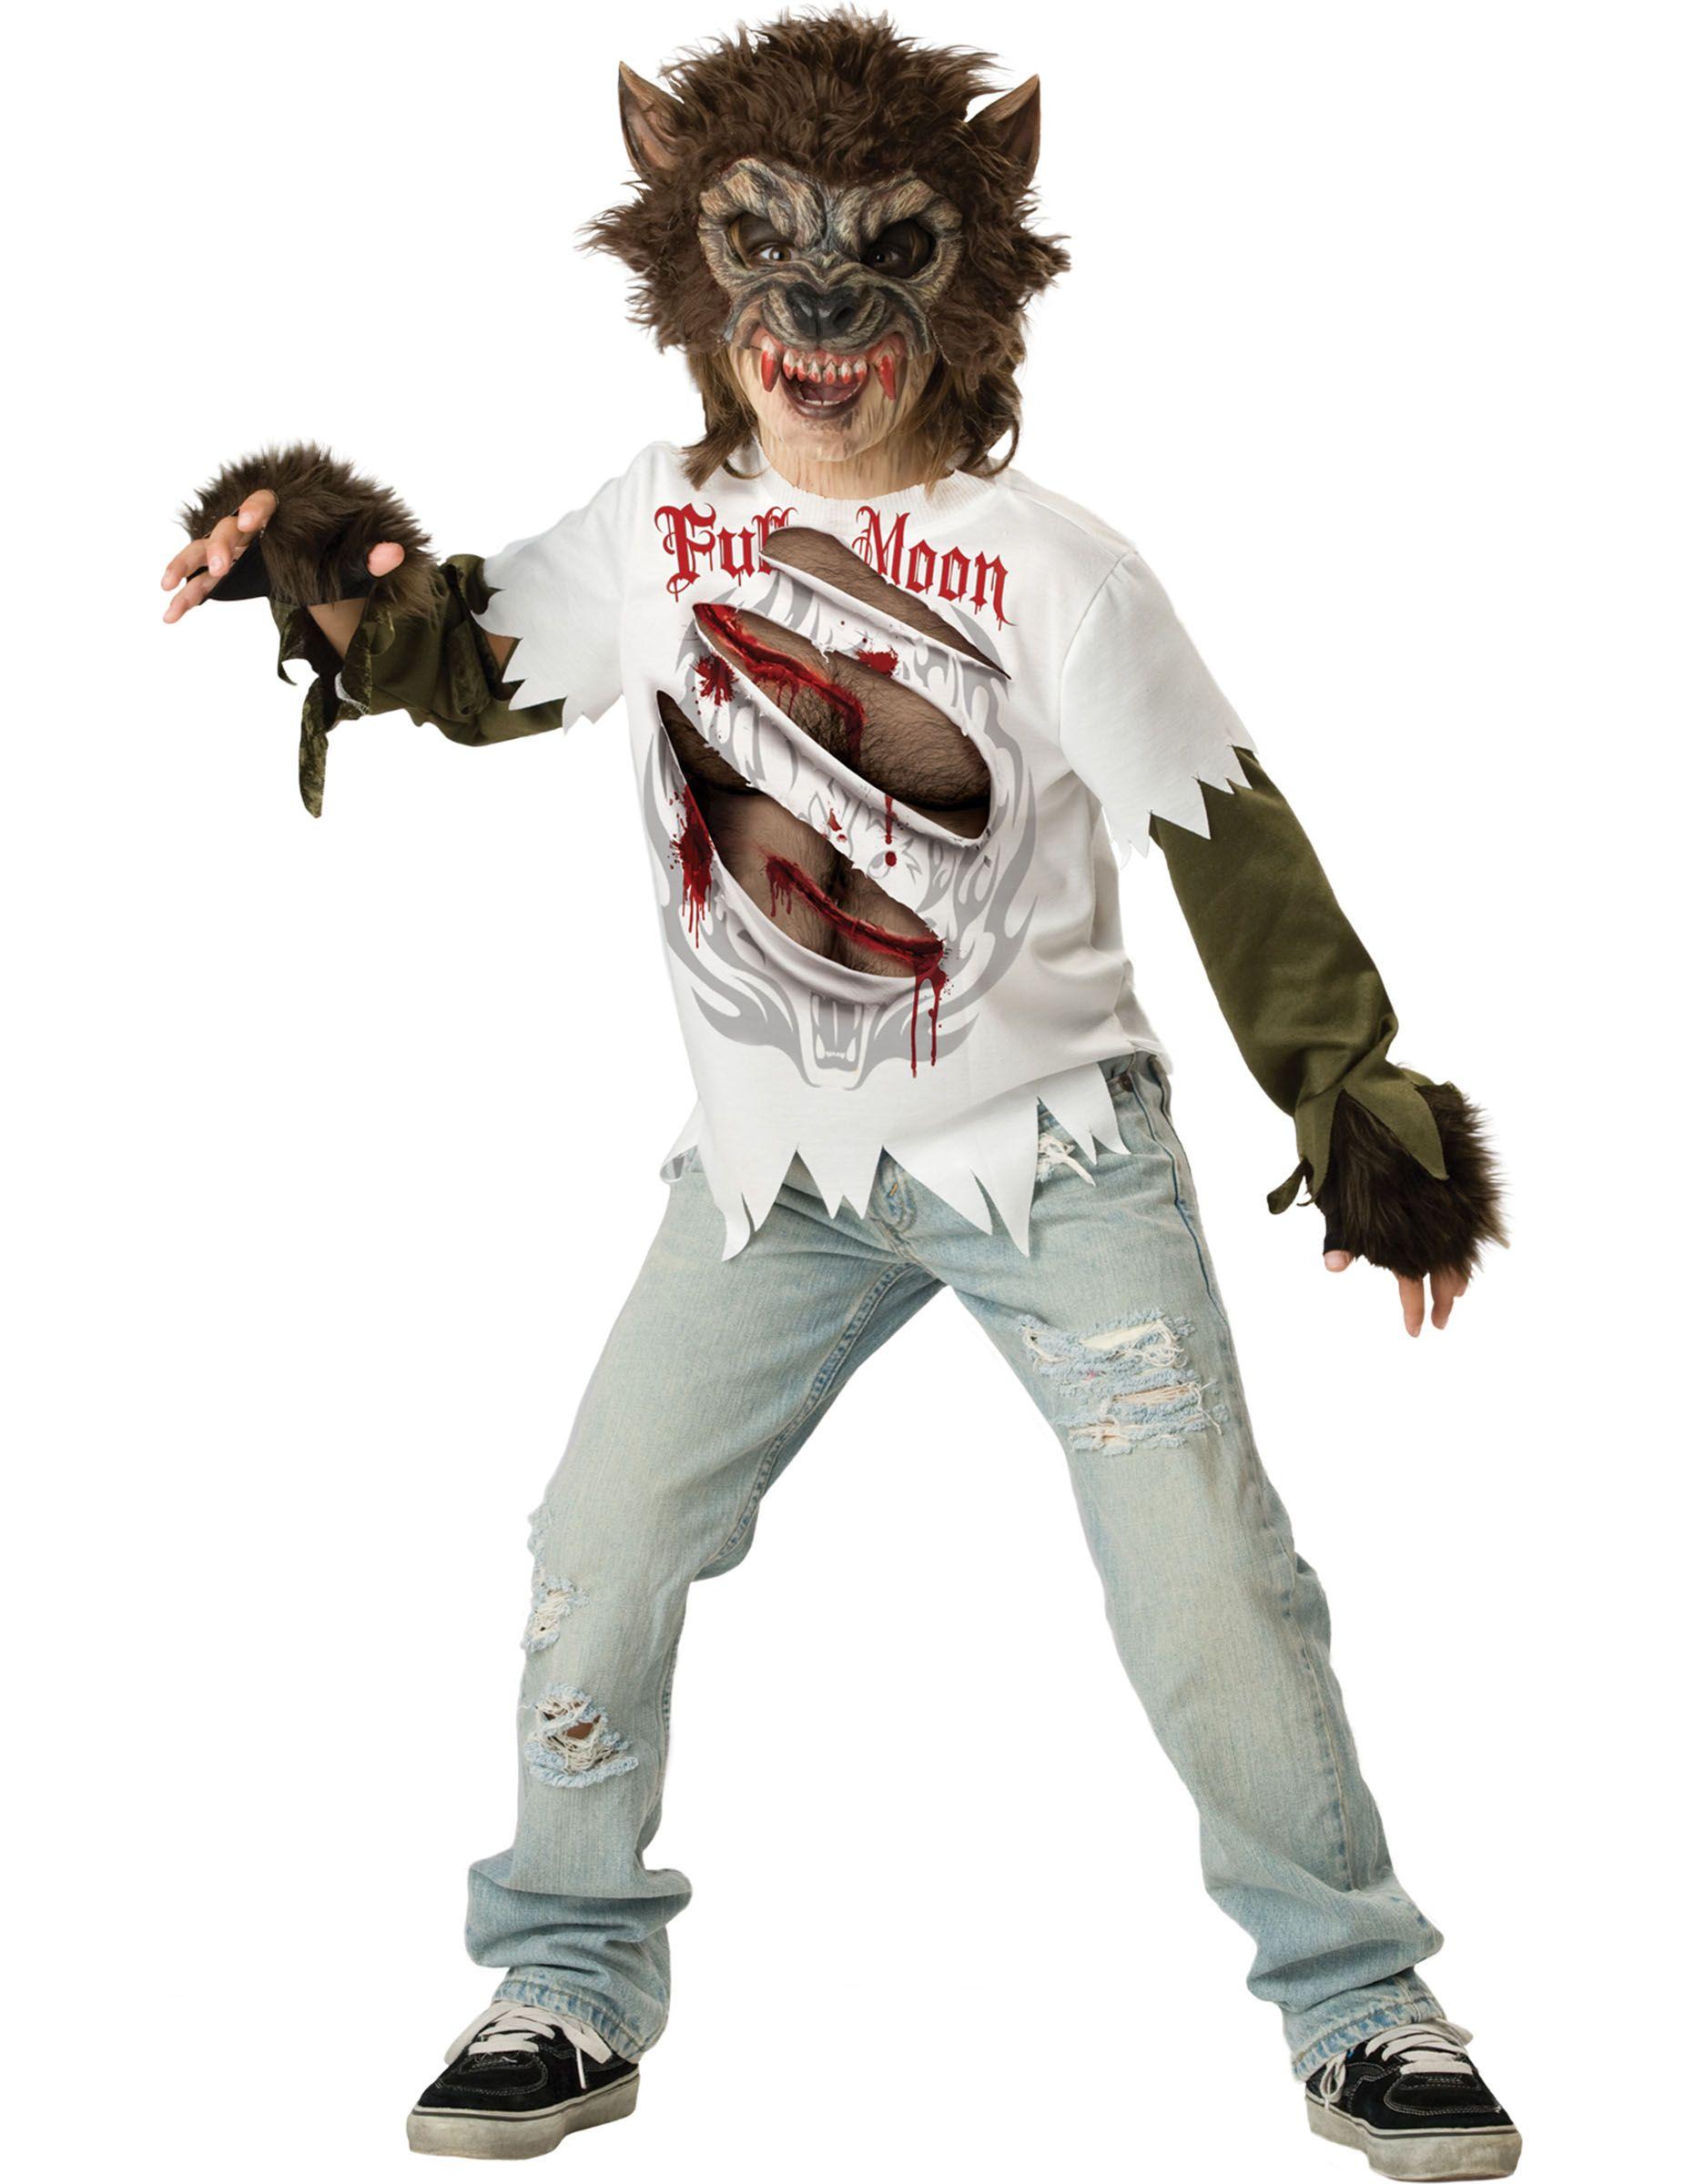 ragazzoinclude non da mascherapantaloni t inclusi premium per Costume shirtmuffole lupo mannaro e f76bgy